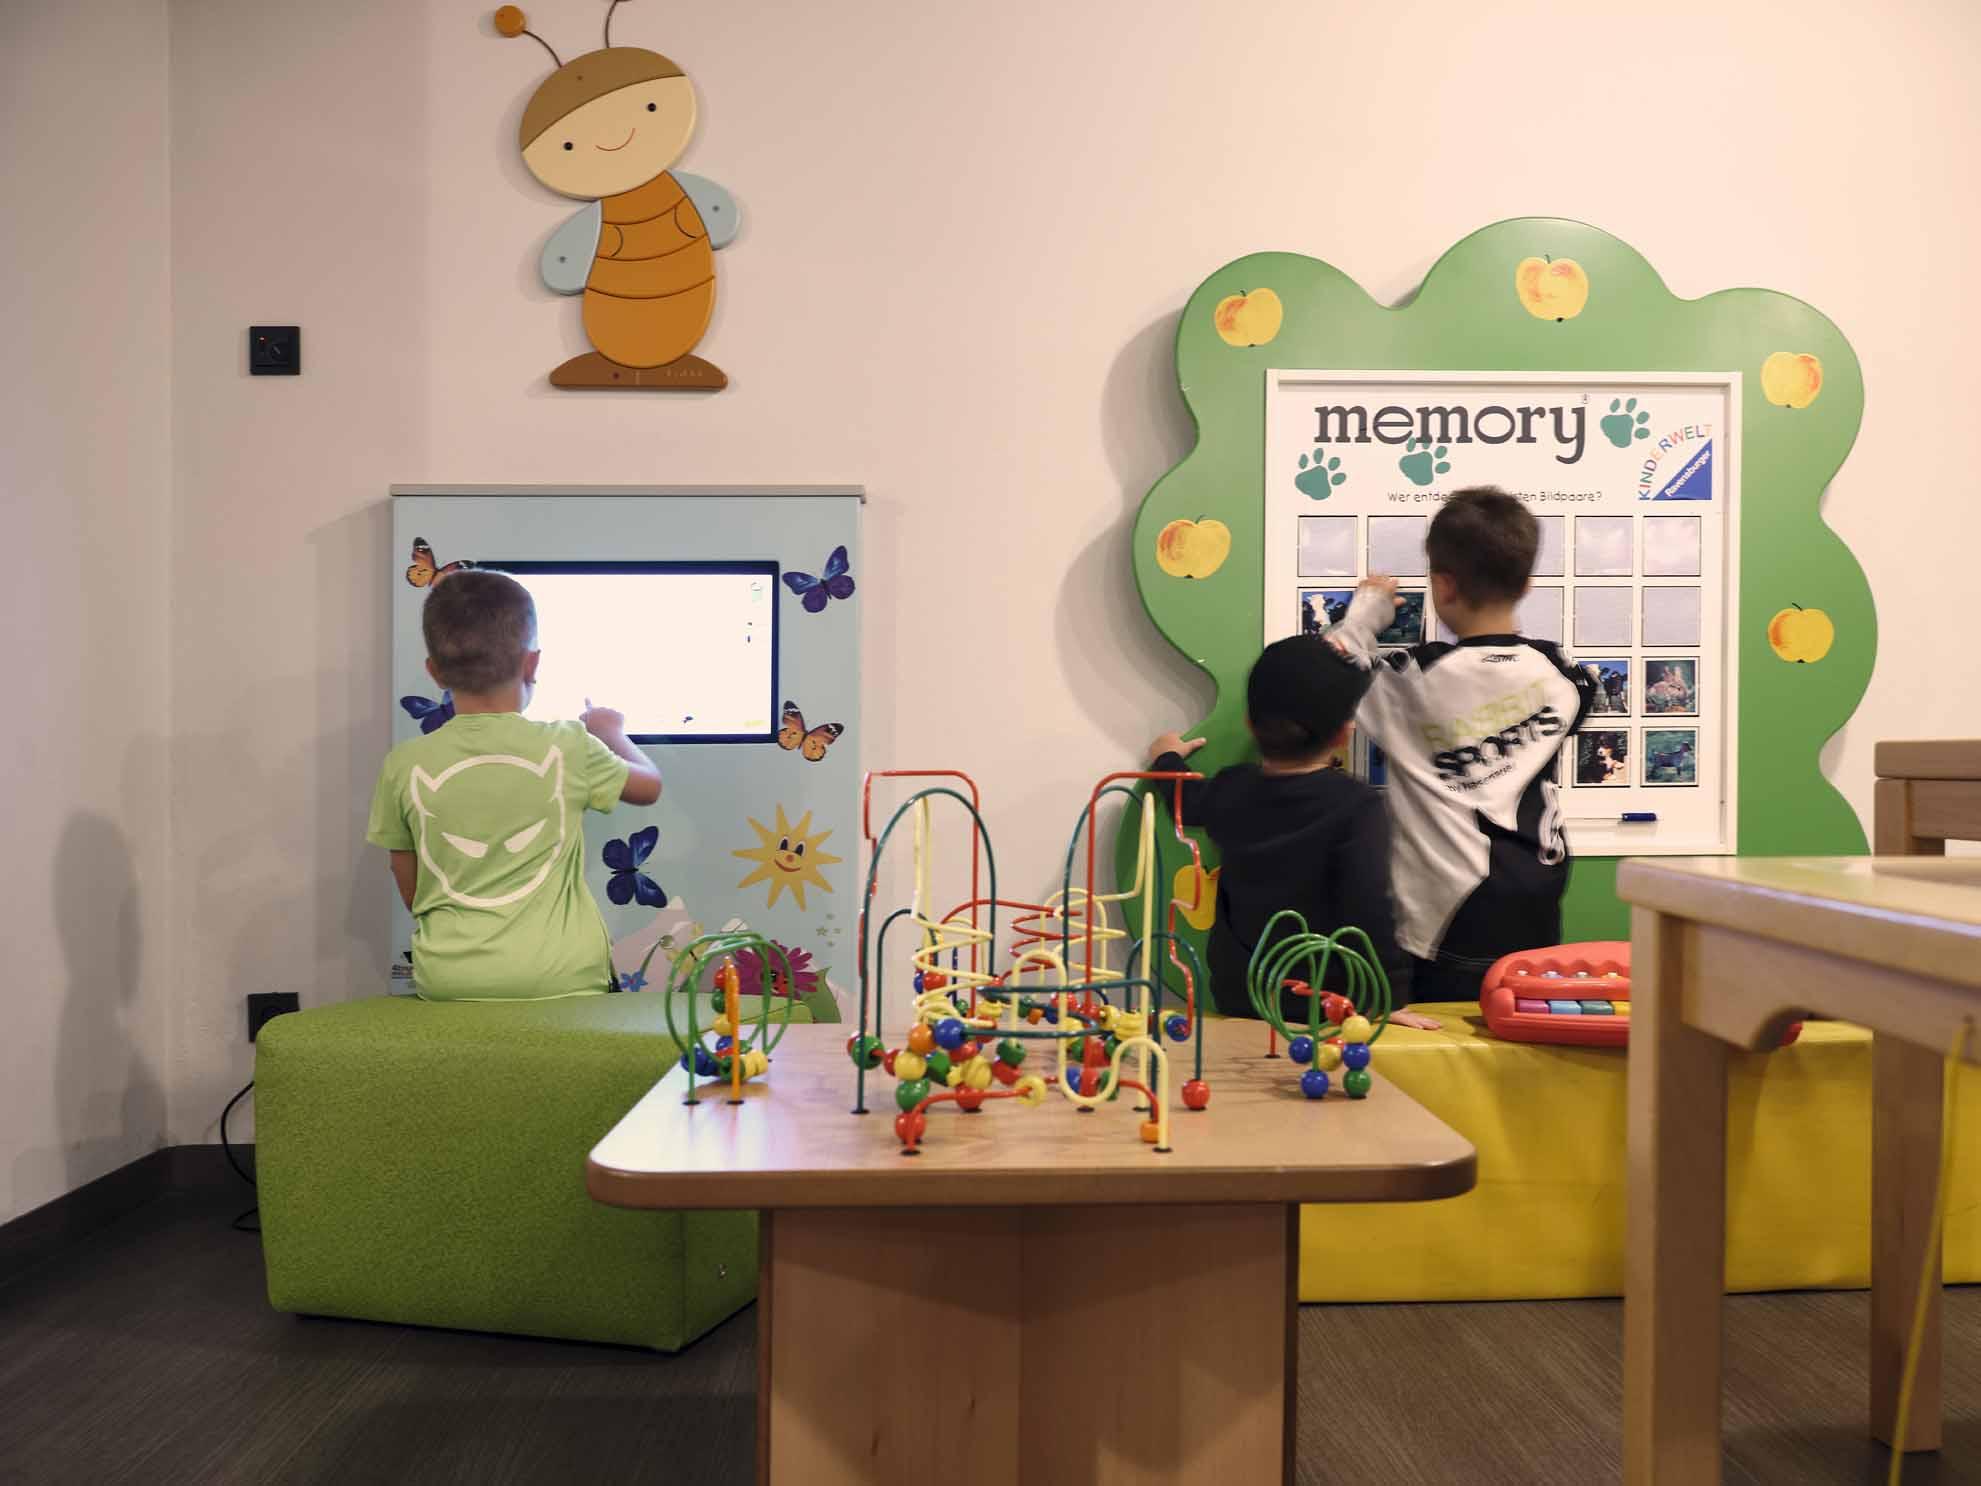 Drei Kinder spielen in der Familien-Spielewelt